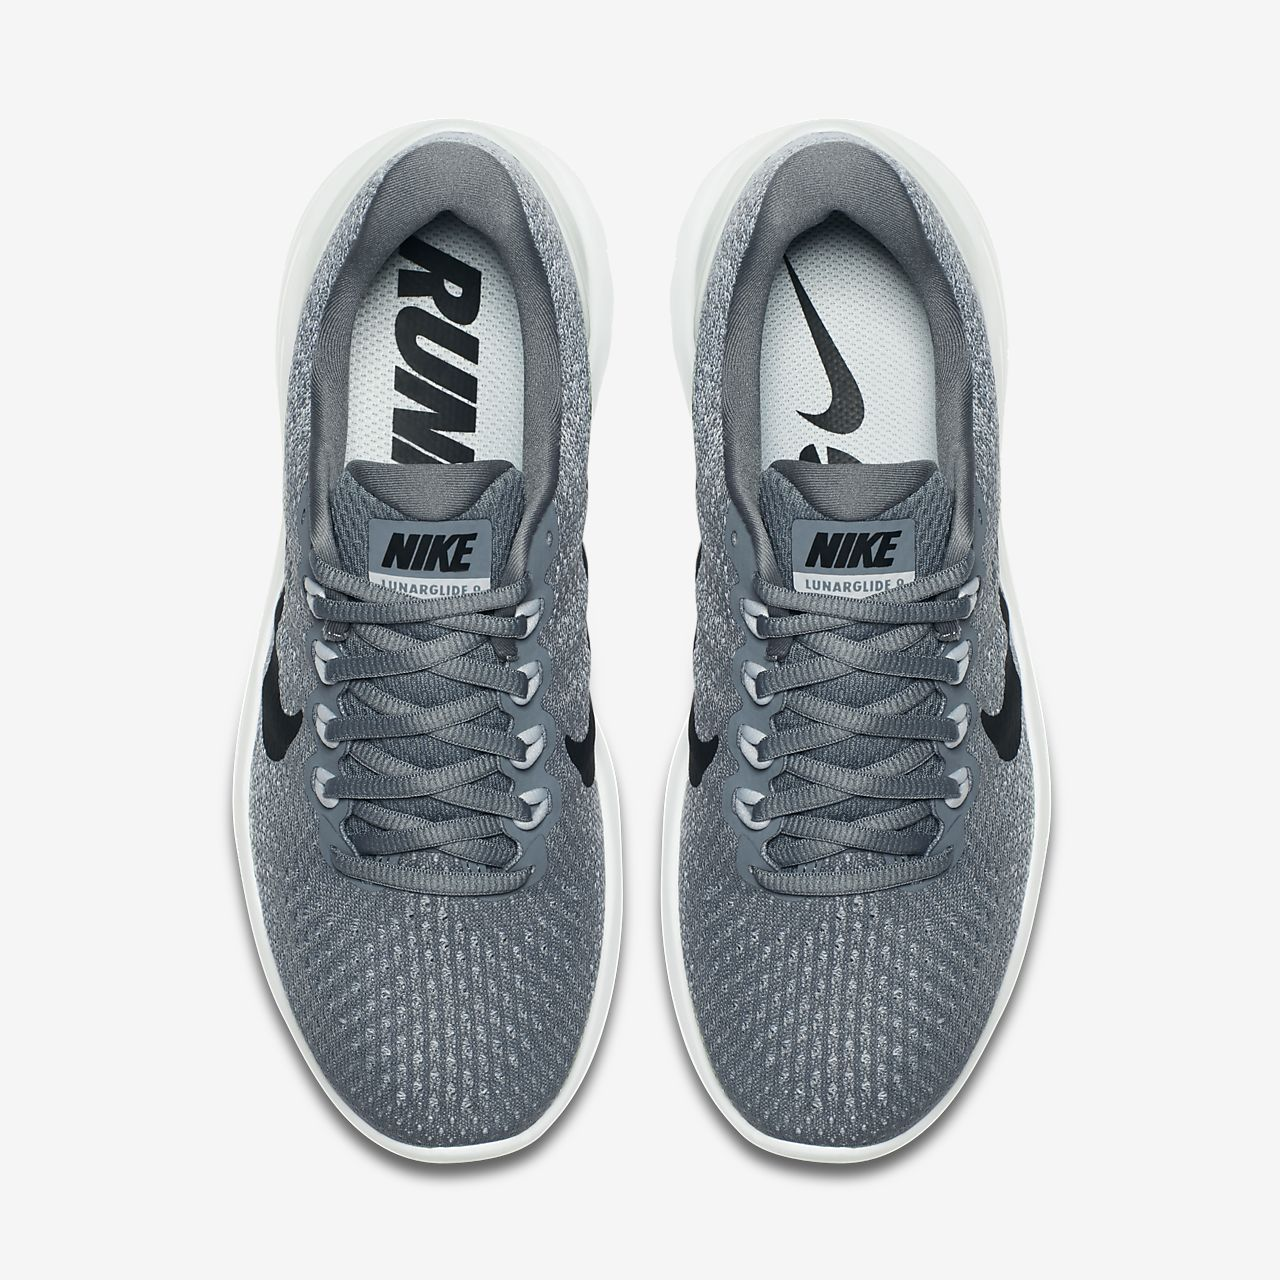 d14fa03c5 Nike LunarGlide 9 Women s Running Shoe. Nike.com AU